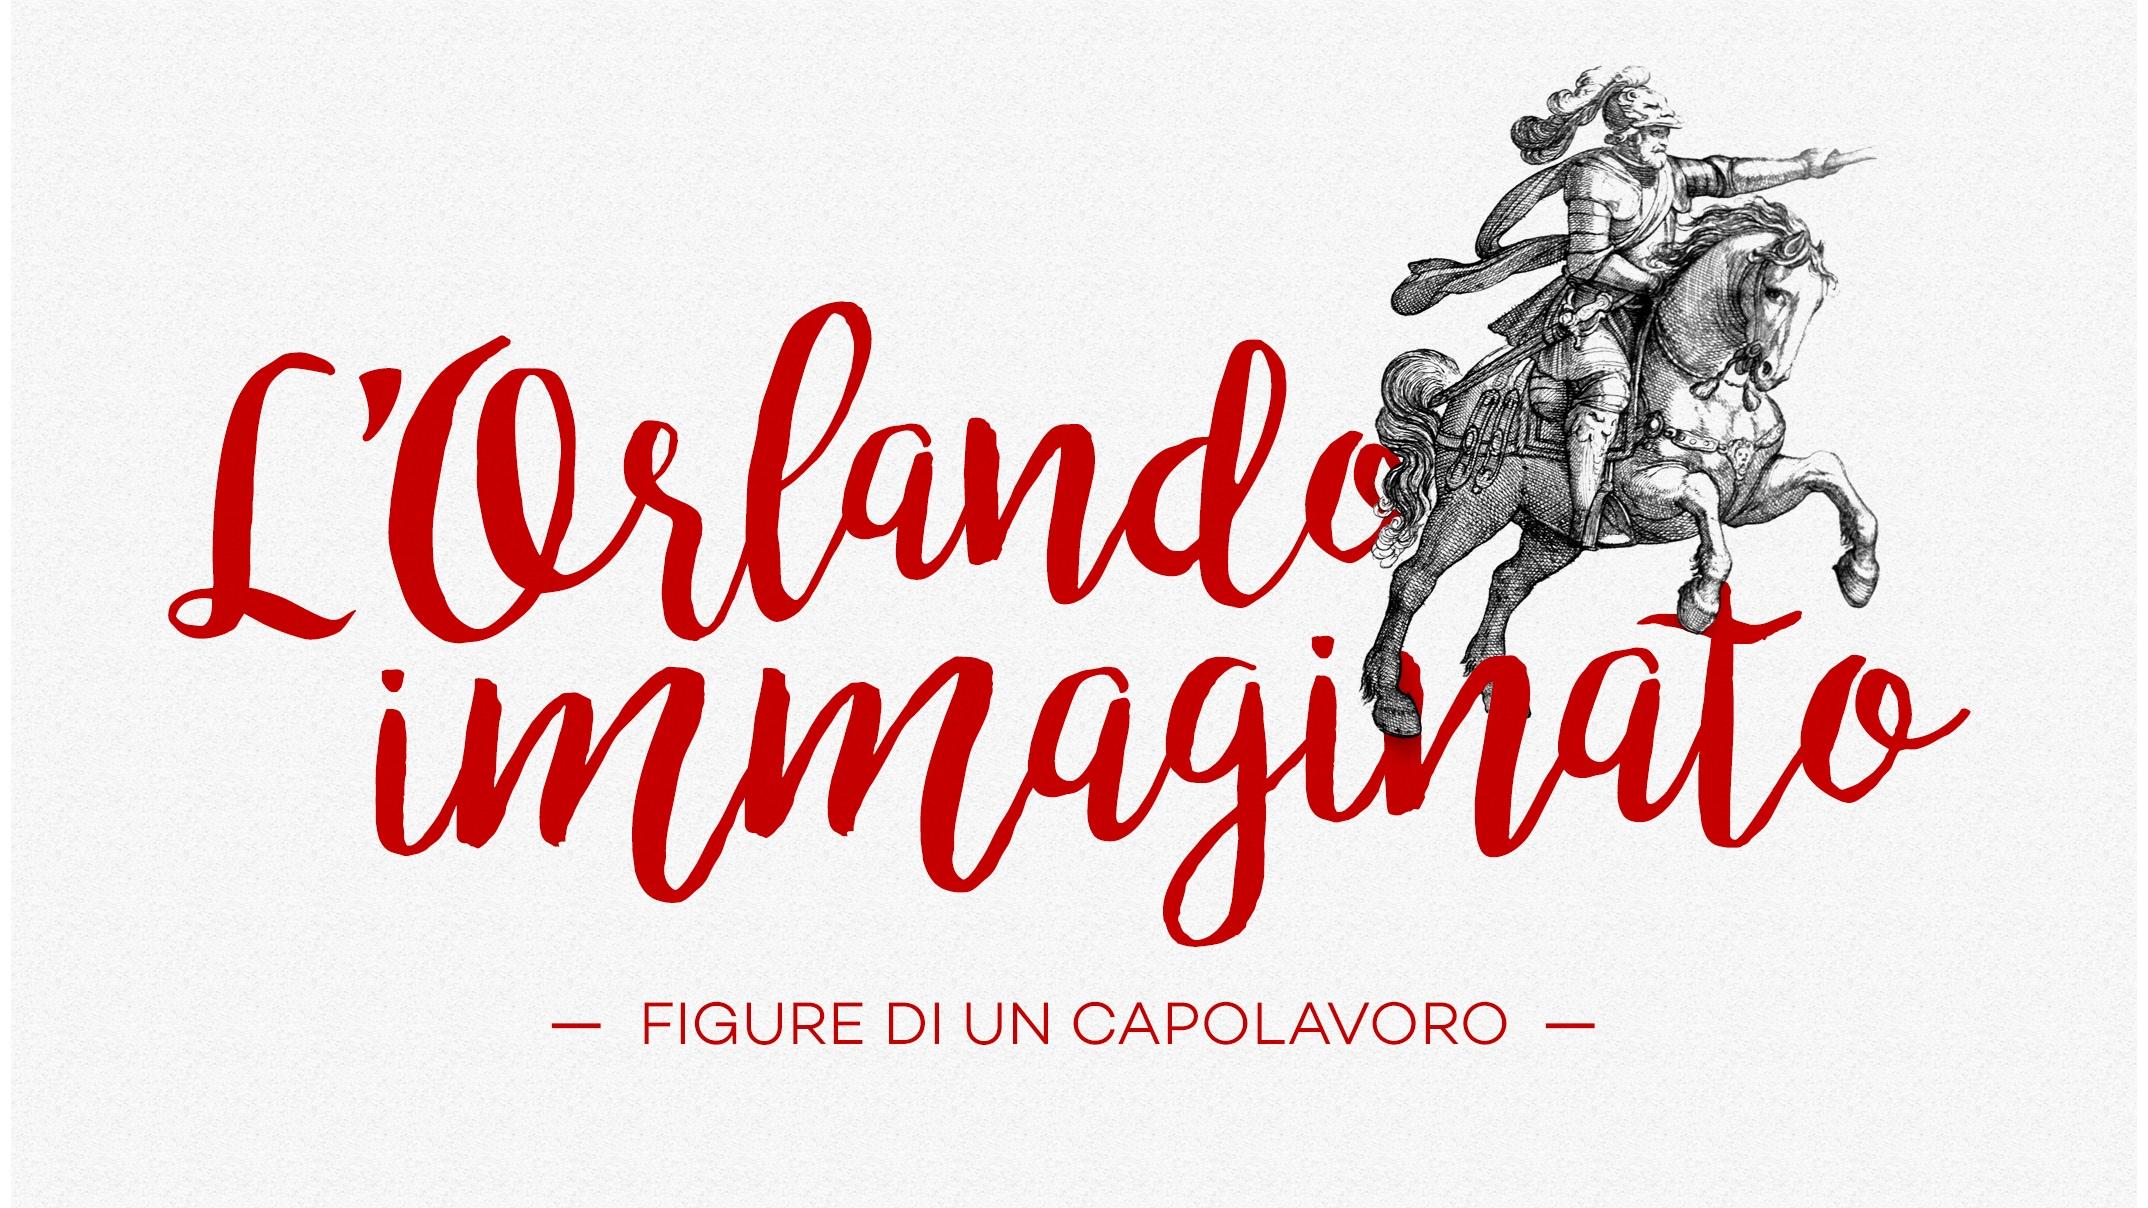 Orlando Immaginato